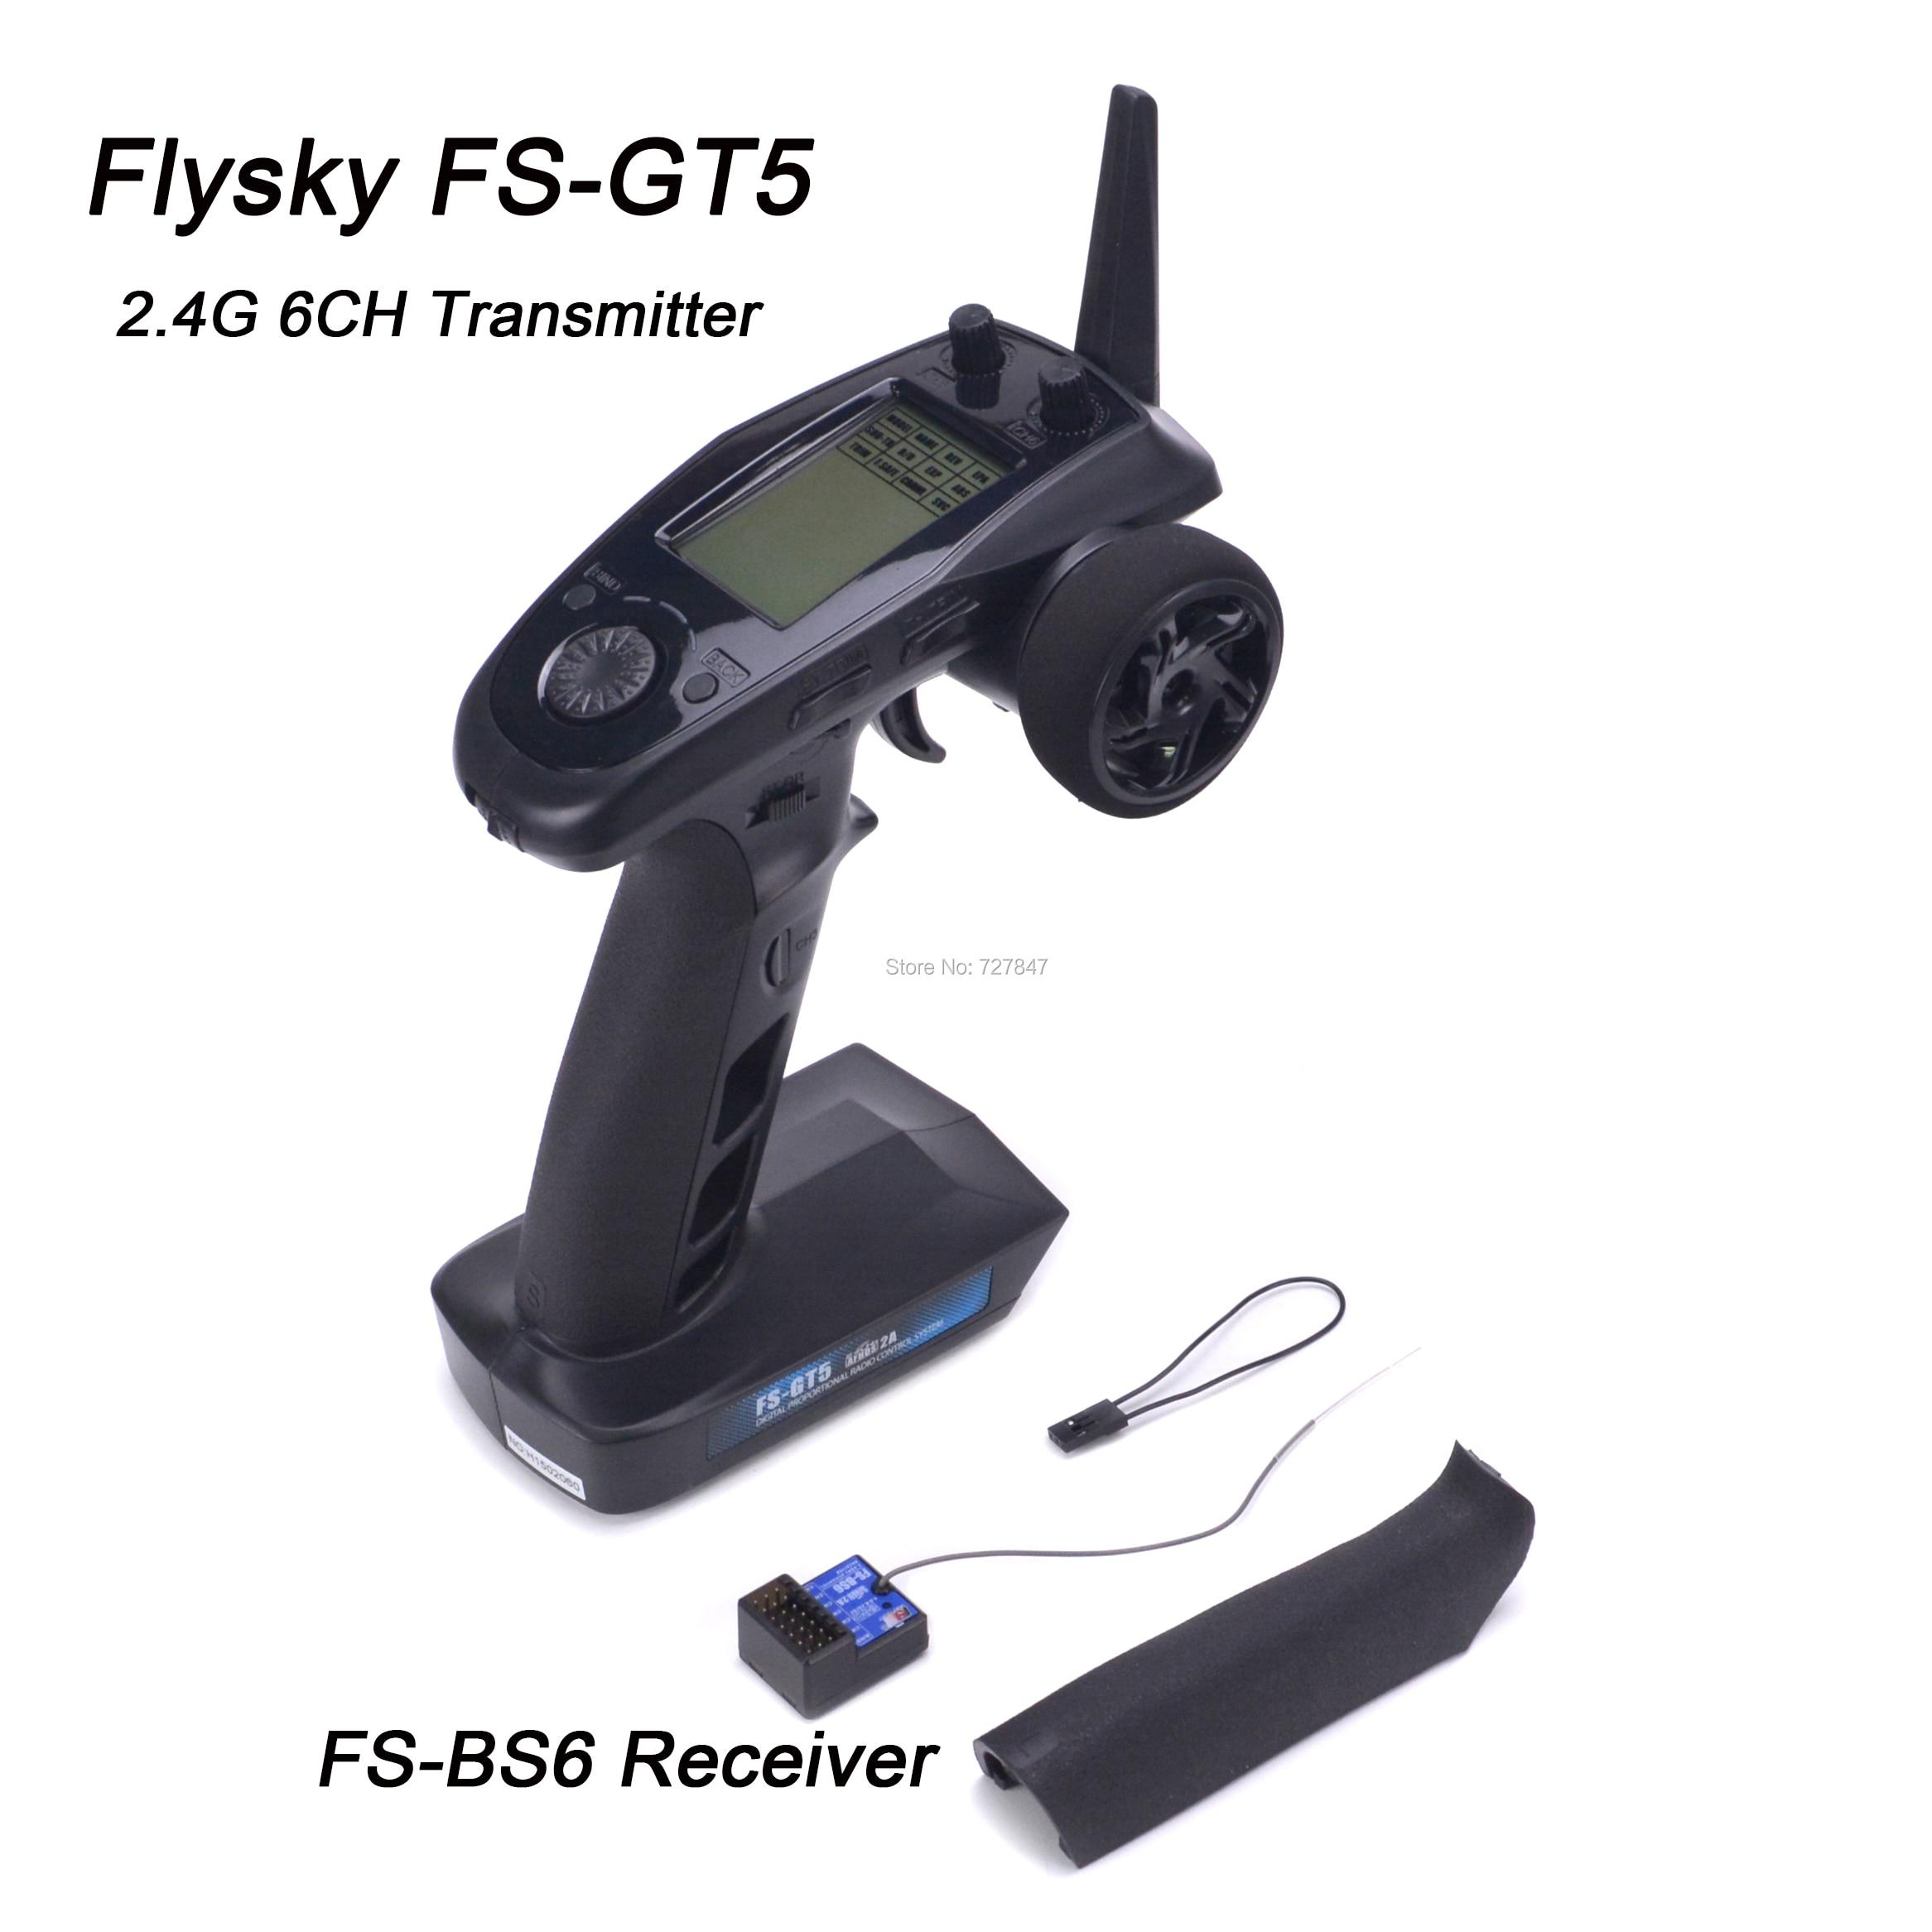 Flysky FS-GT5 FS GT5 2.4G 6CH Émetteur avec FS-BS6 Récepteur Intégré Gyro Fail-Safe pour RC Voiture Bateau télécommande